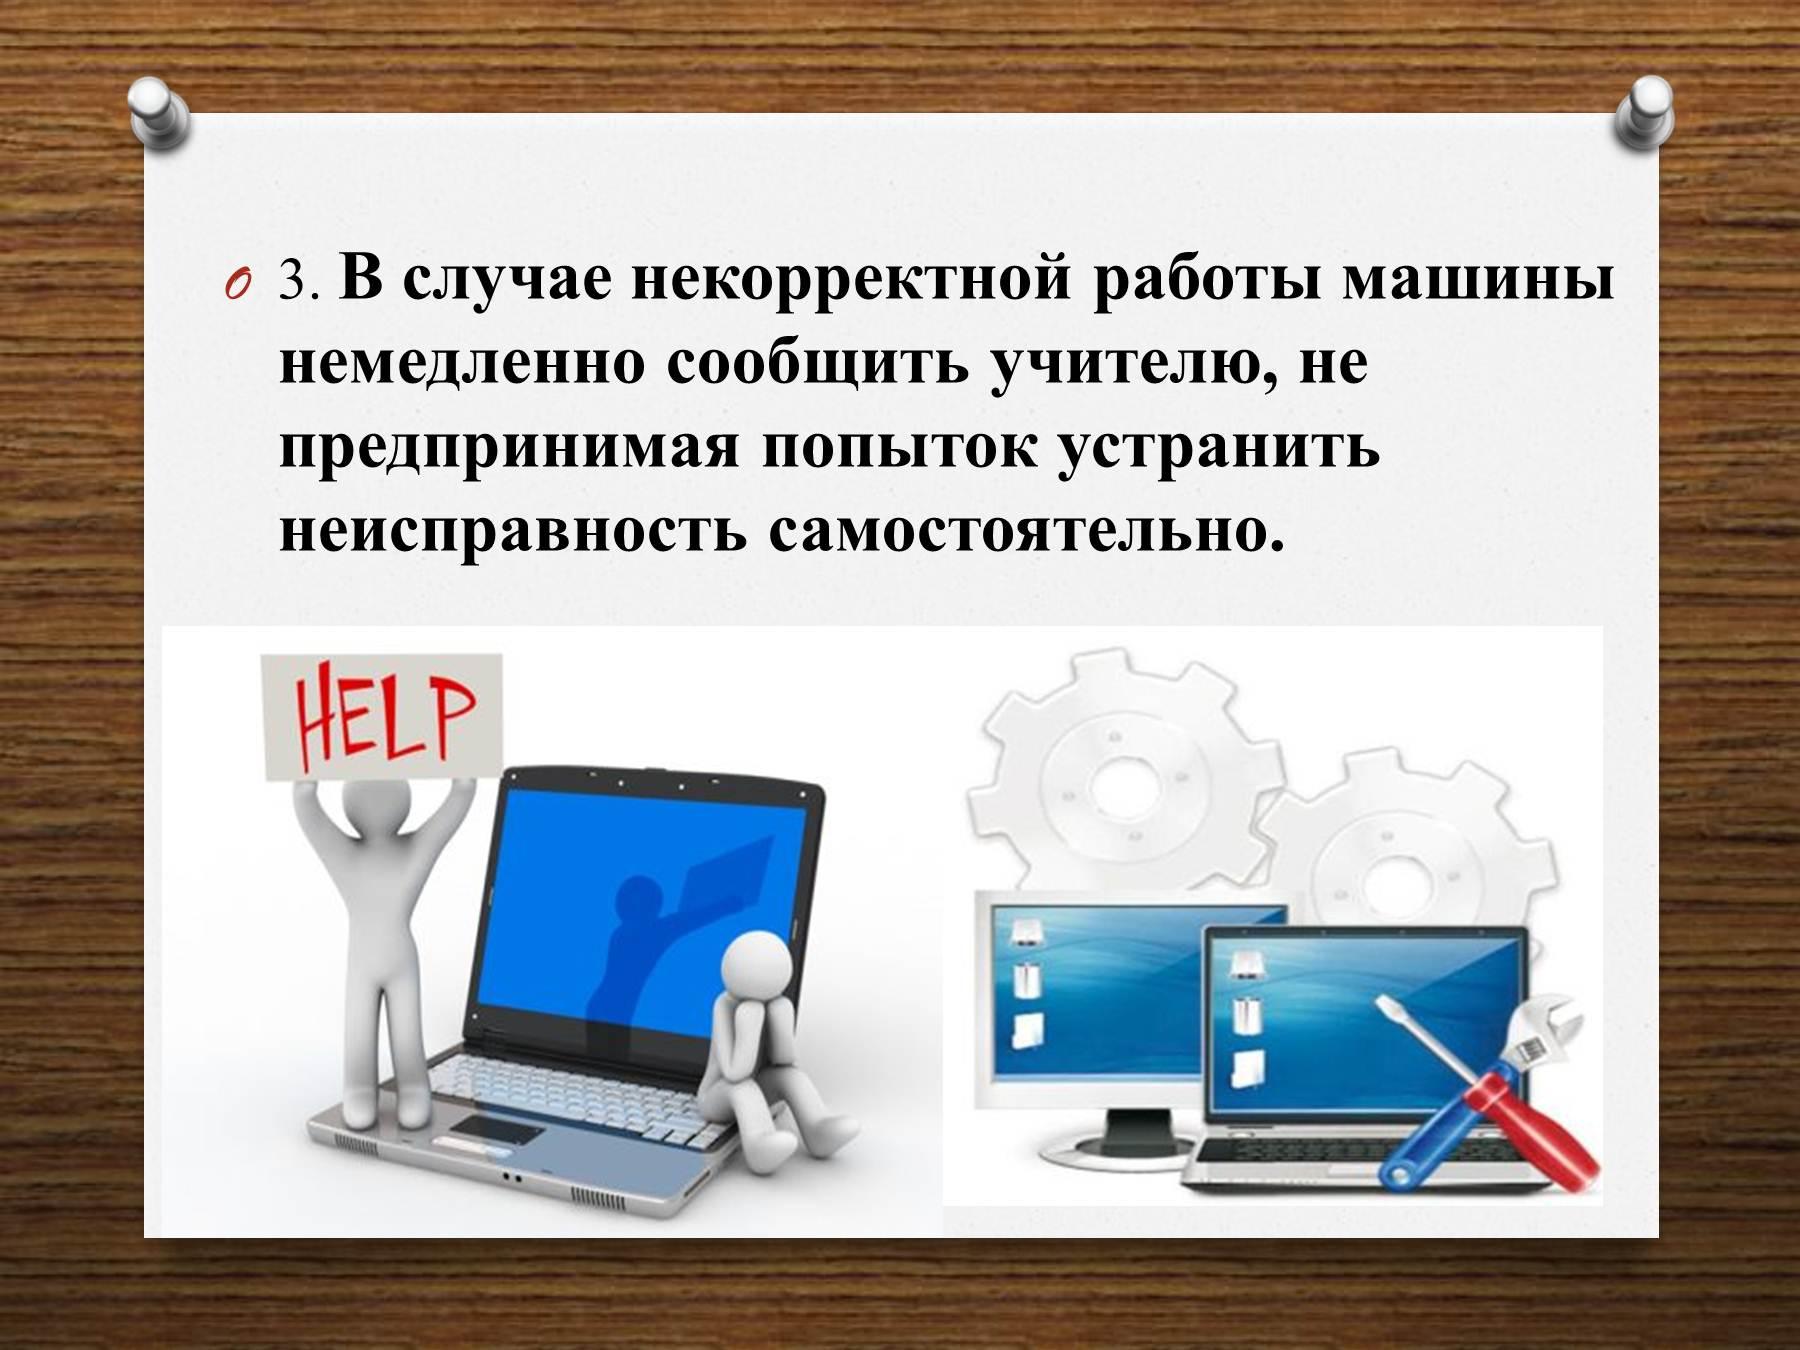 правила техники безопастности при работе с компьютером презентация